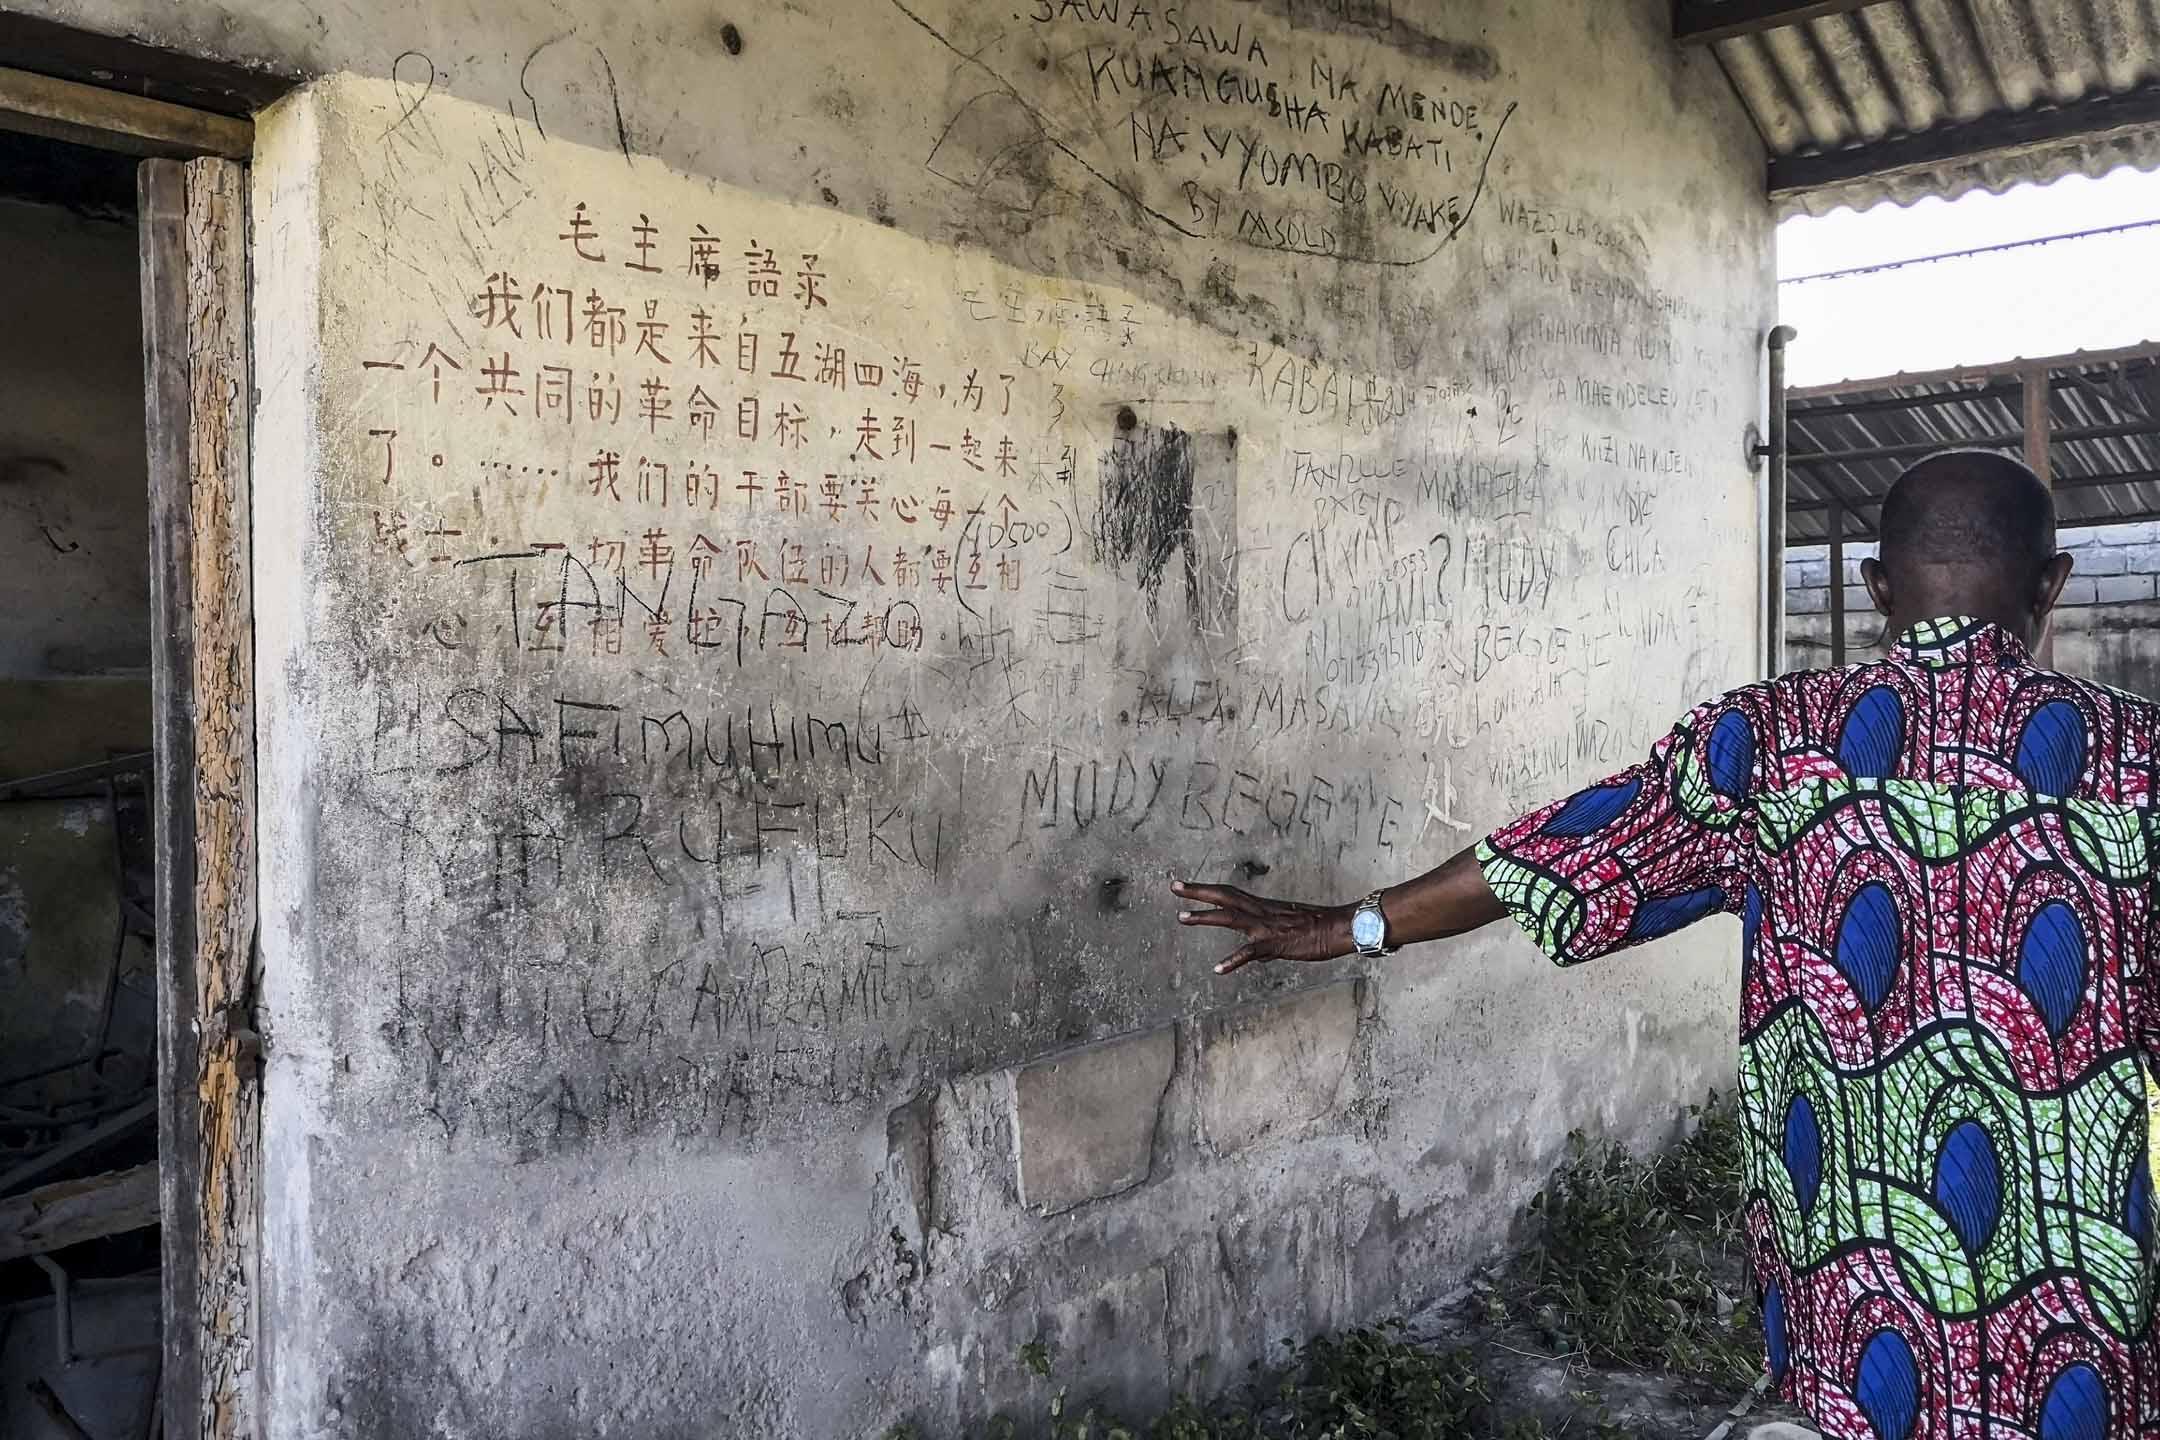 文革時代中國派駐坦桑尼亞的團隊留下的標語。 圖:作者提供